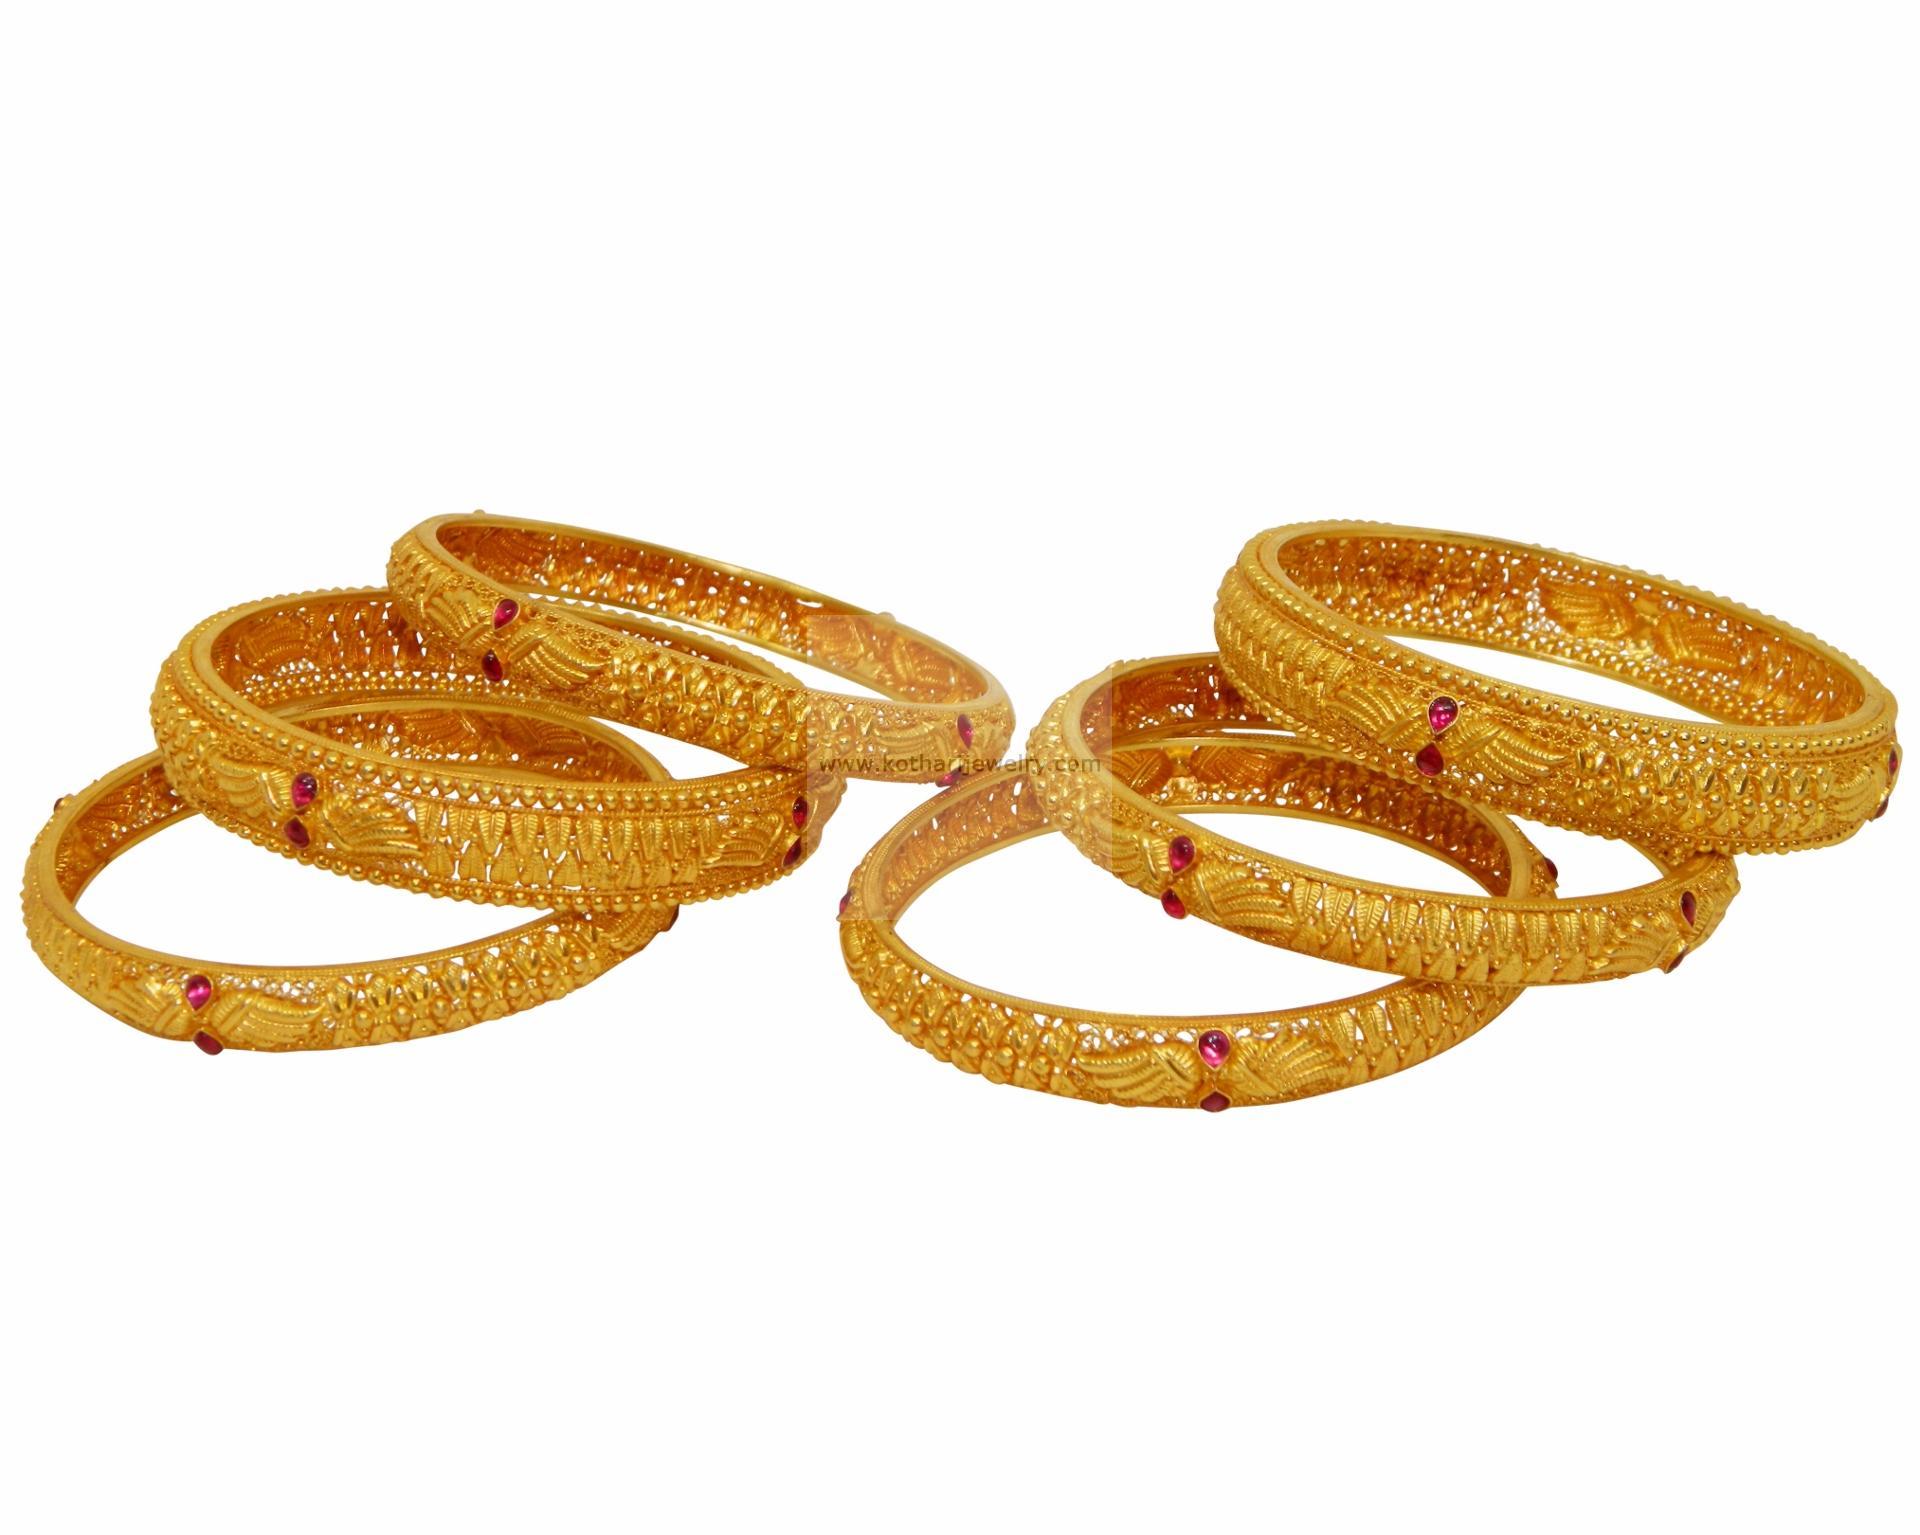 gold bangles 22kt gold bangles kolhapuri antique 22kt